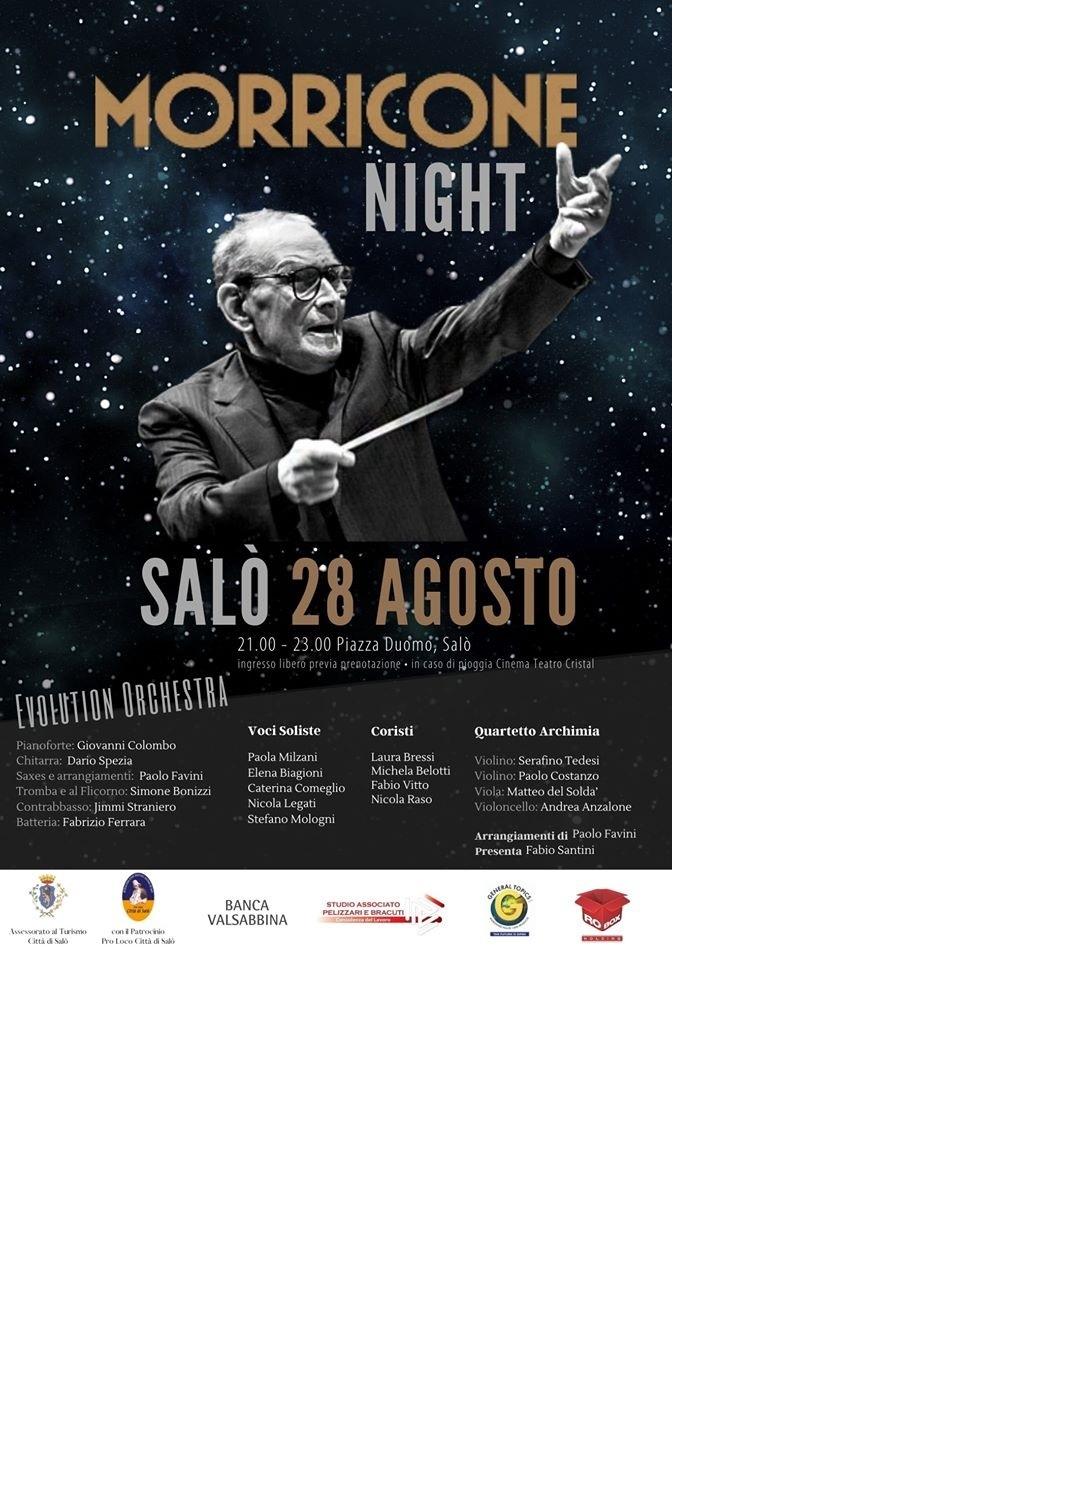 Morricone night in diretta su Teletutto e maxischermo in Piazza della Vittoria.